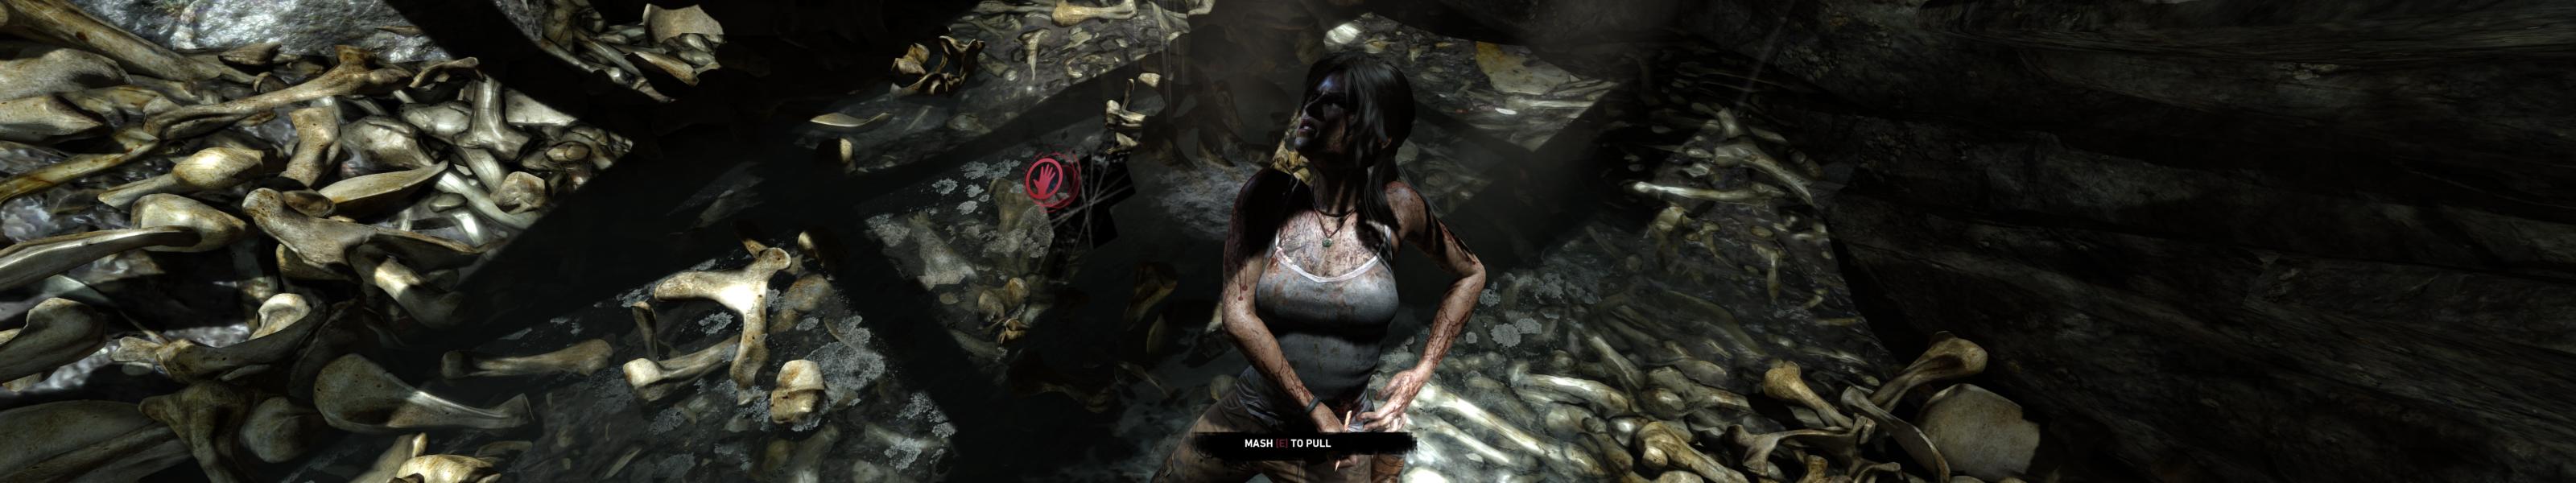 tomb raider 2013 pc game